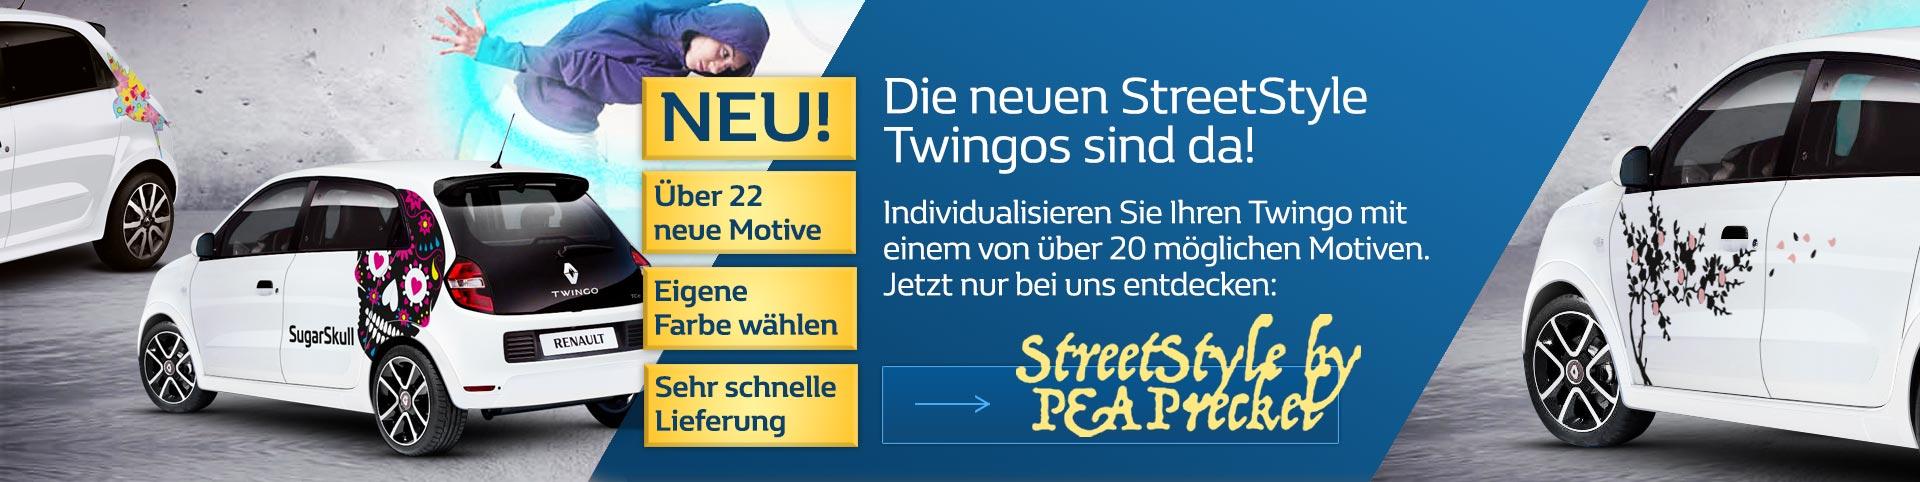 Die neuen Renault Twingo Streetstyles von P&A-Preckel